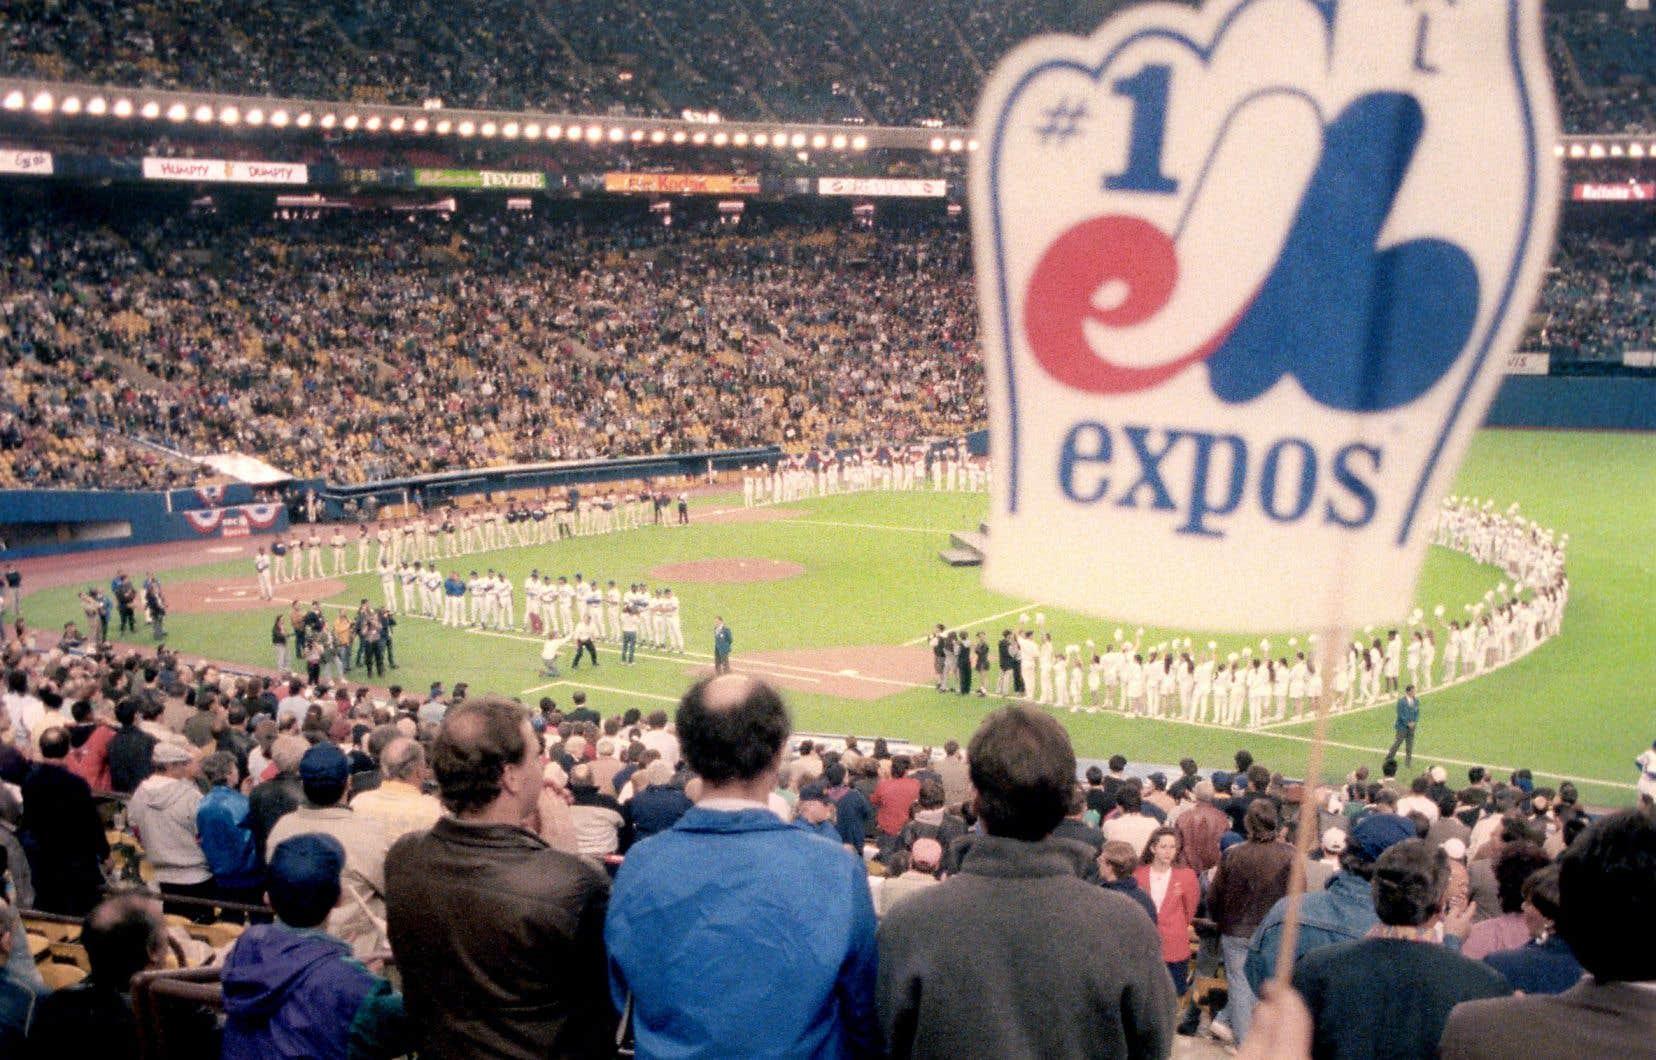 En 1994, il n'y avait pas à chercher très loin, la crème de la crème du baseball se trouvait à Montréal P.Q.